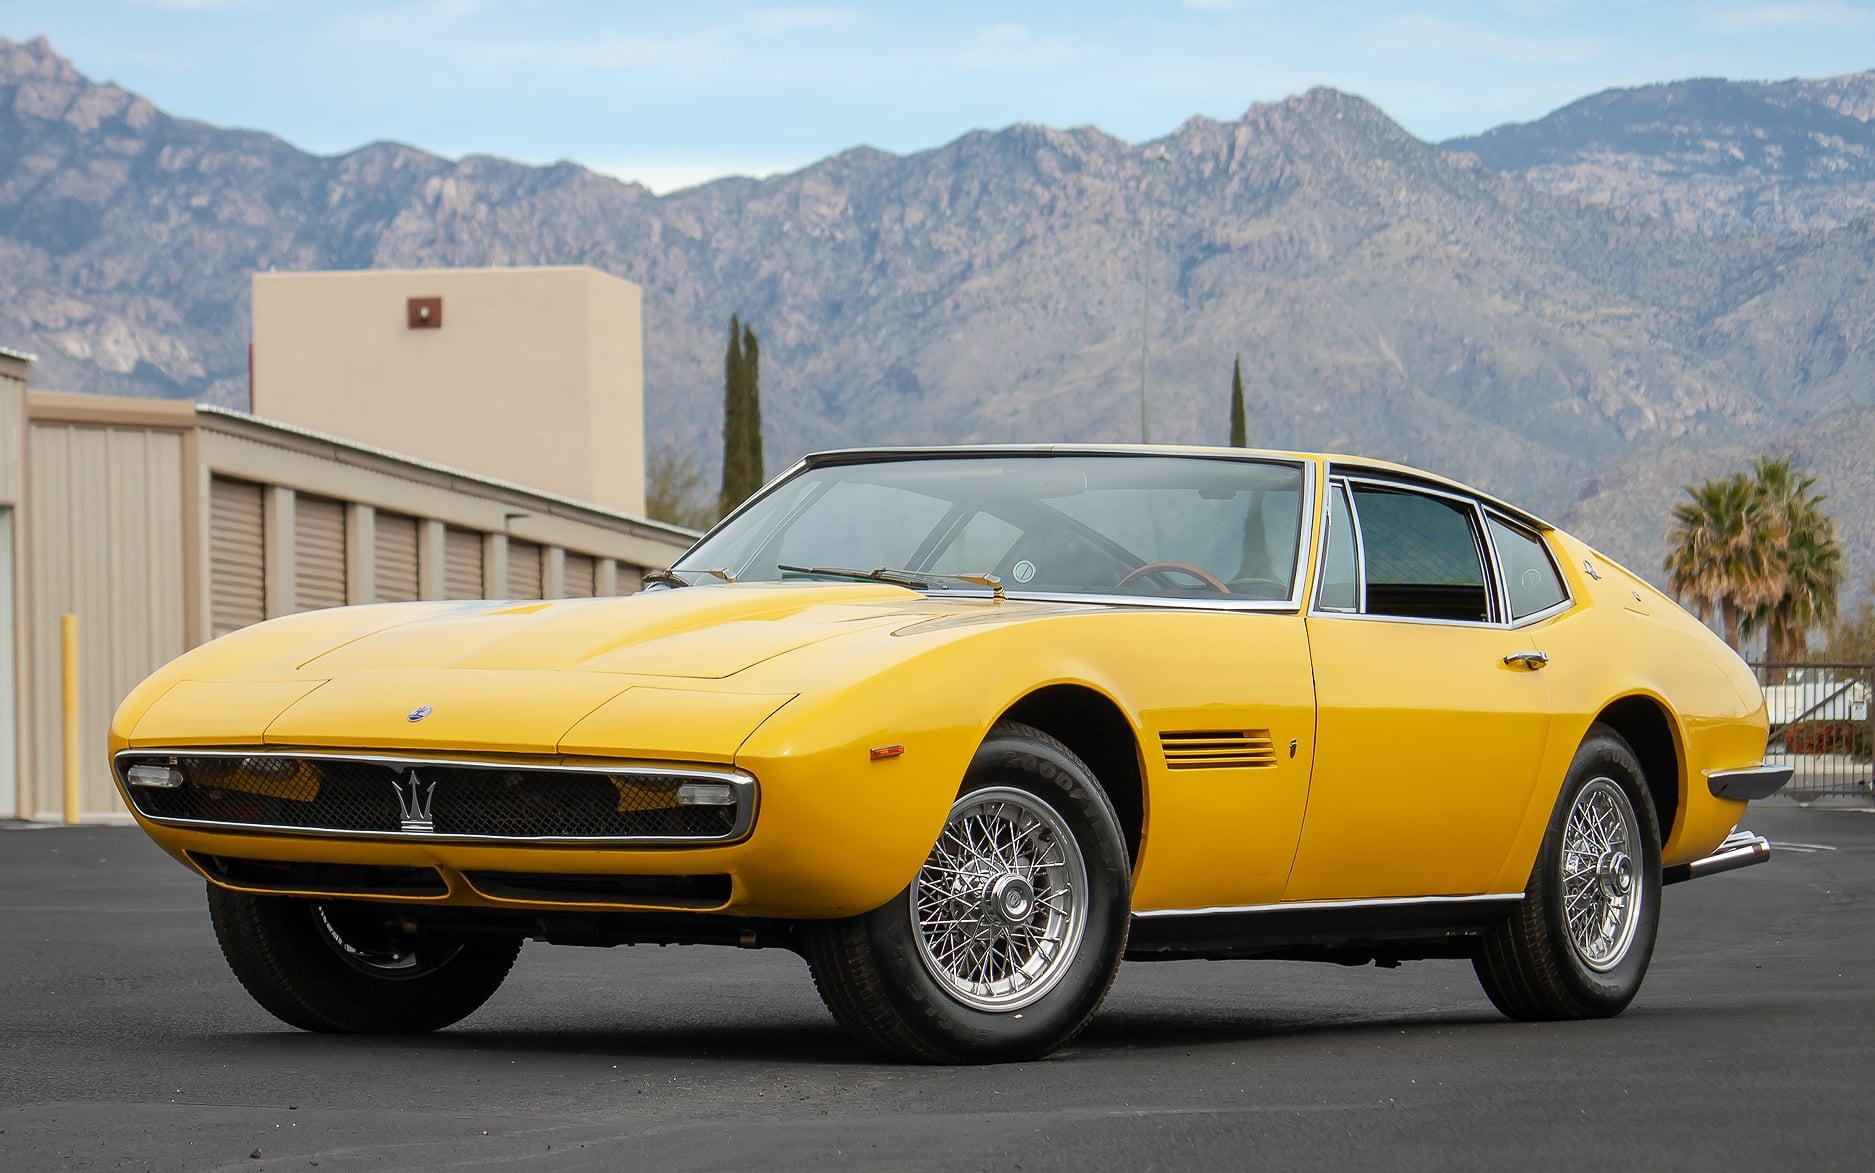 1967 Maserati Ghibli 4.7 Coupe